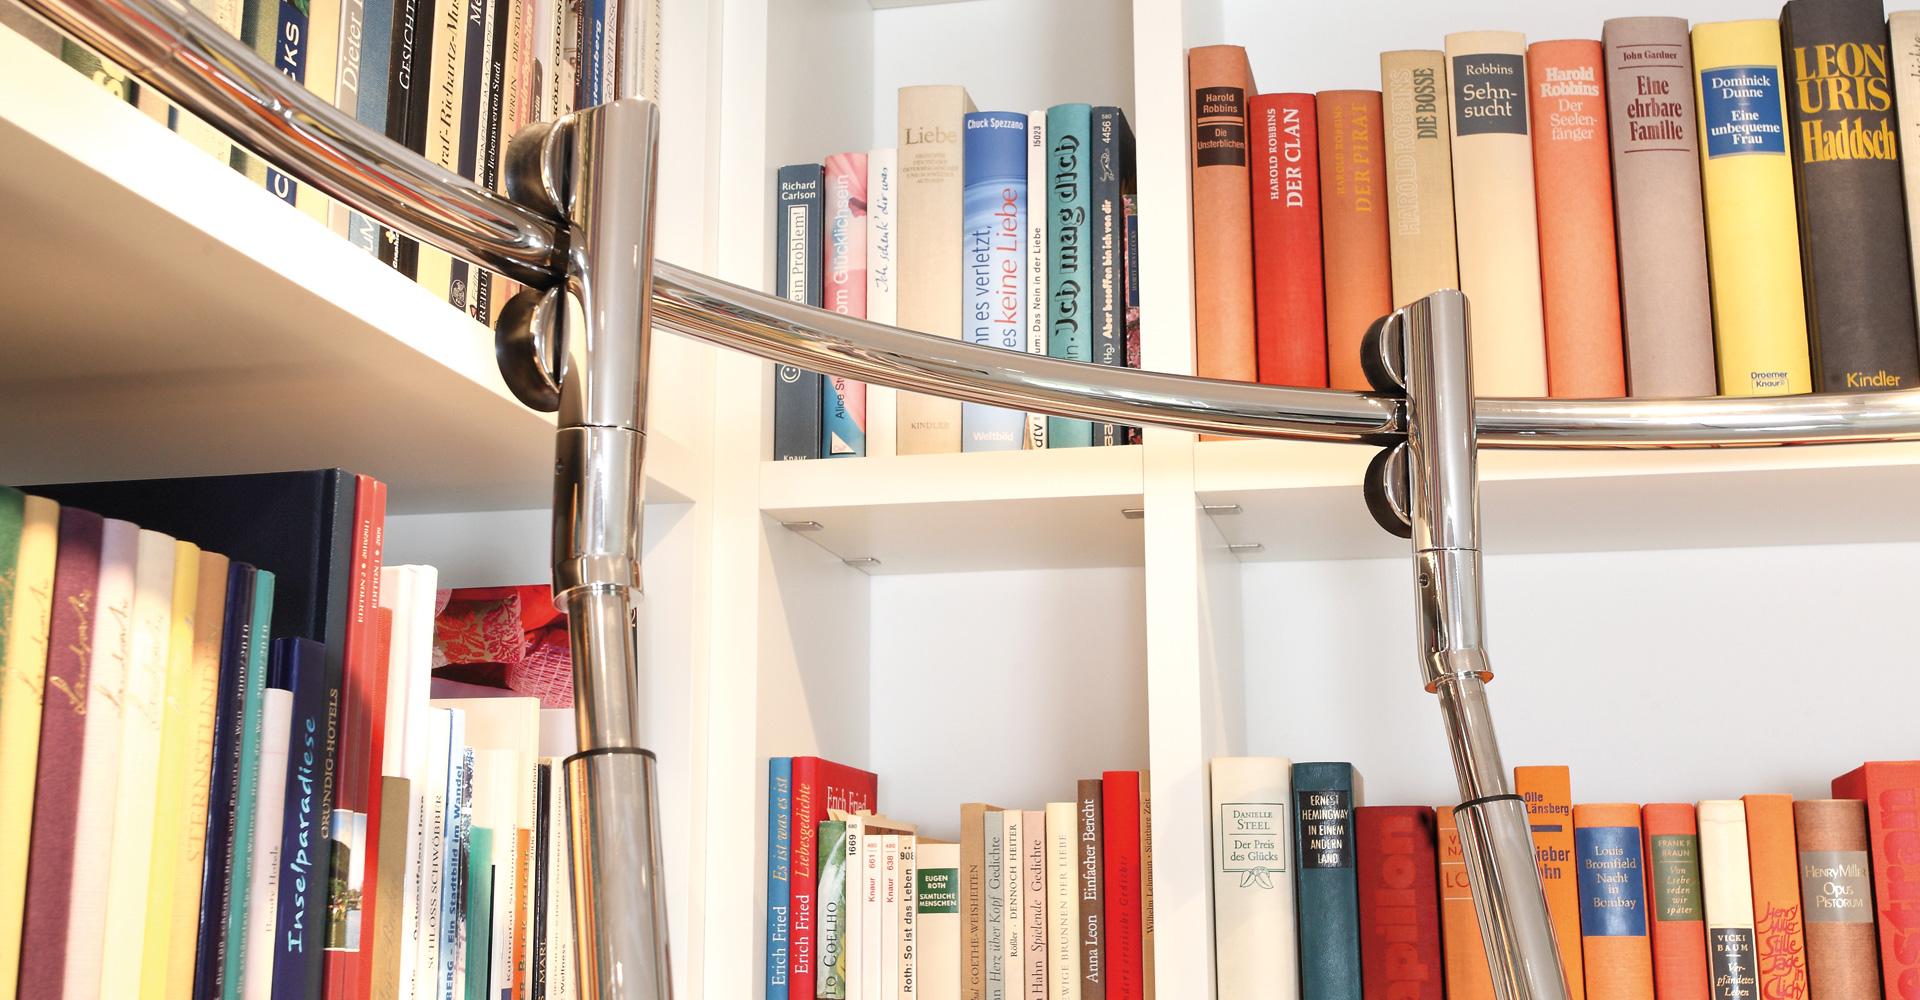 Galerie-Vario-Teleskopleiter-Klassik-2